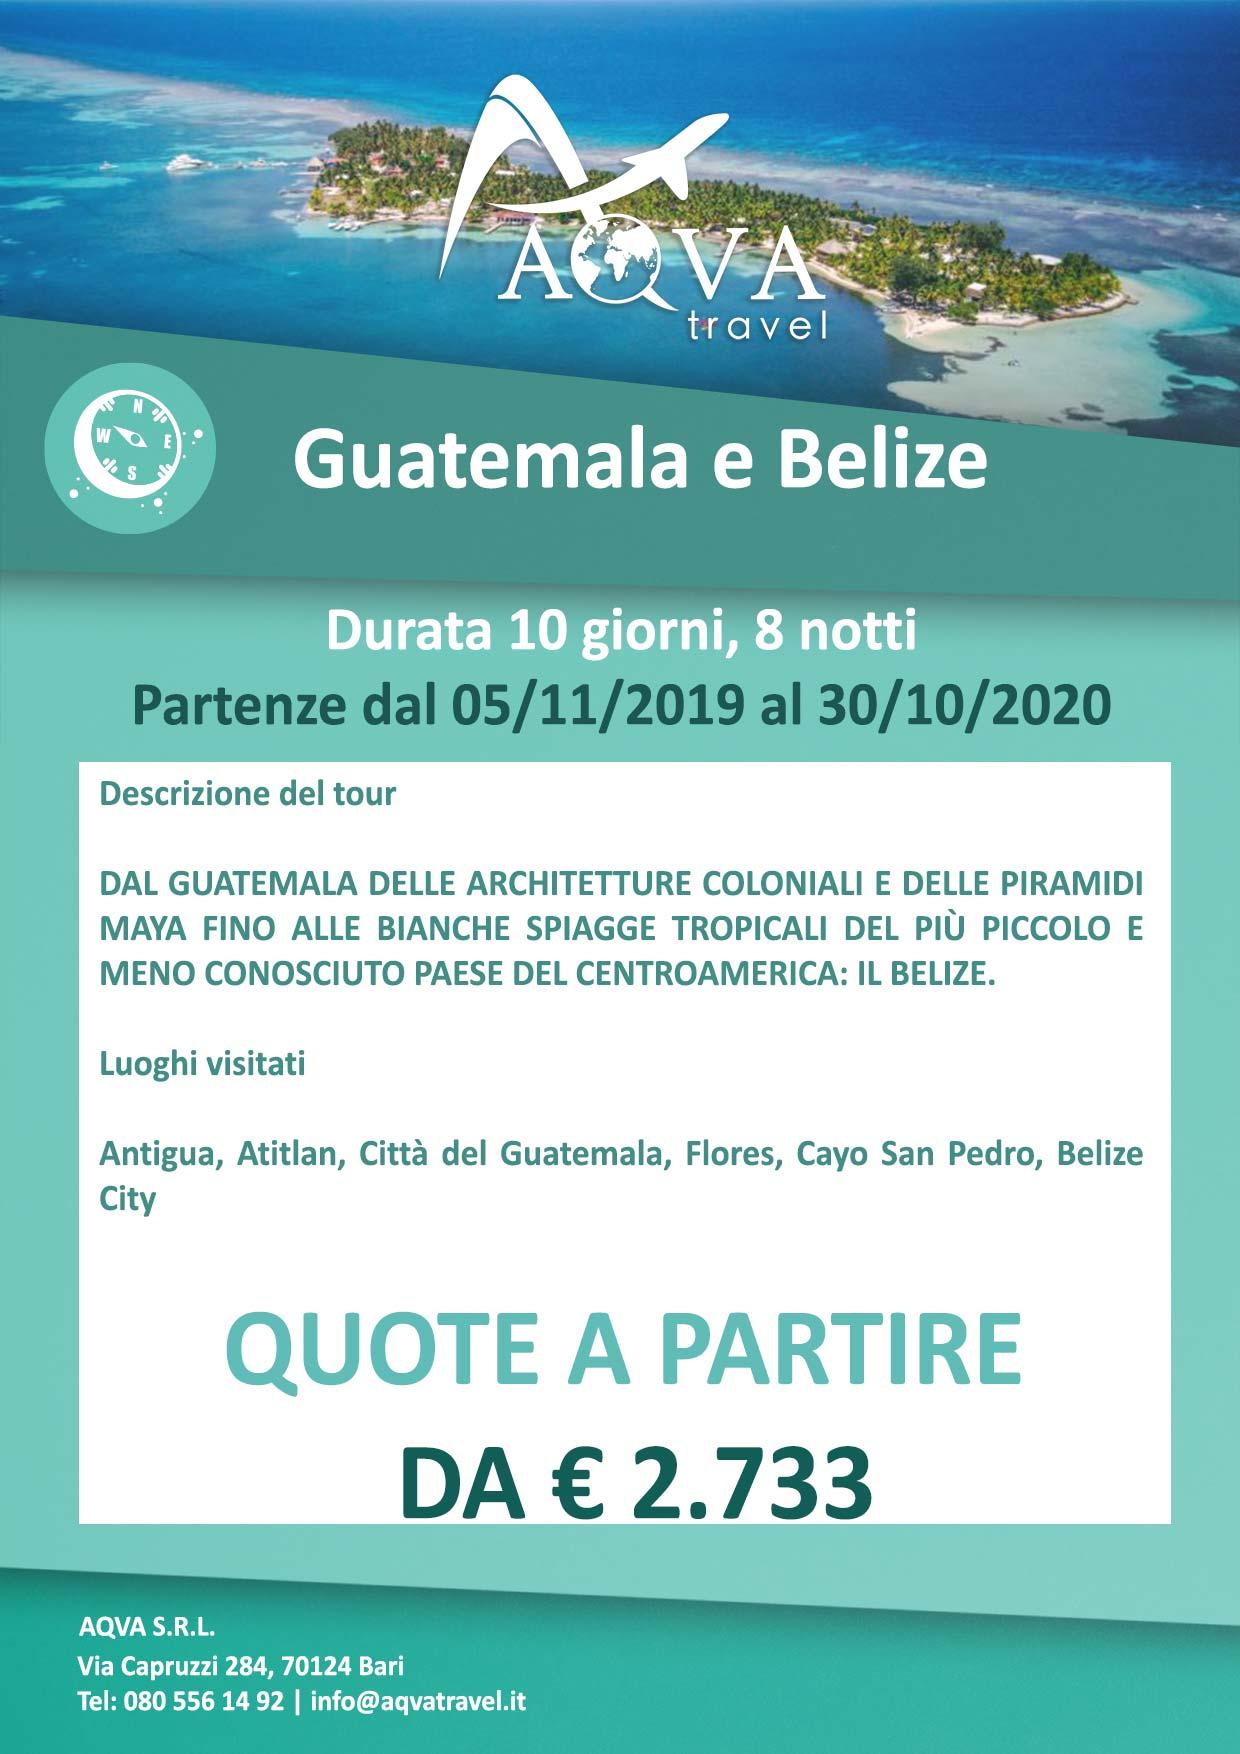 Guatemala-e-Belize-Durata-10-giorni--8-notti-Avventura-offerte-agenzia-di-viaggi-Bari-AQVATRAVEL-it